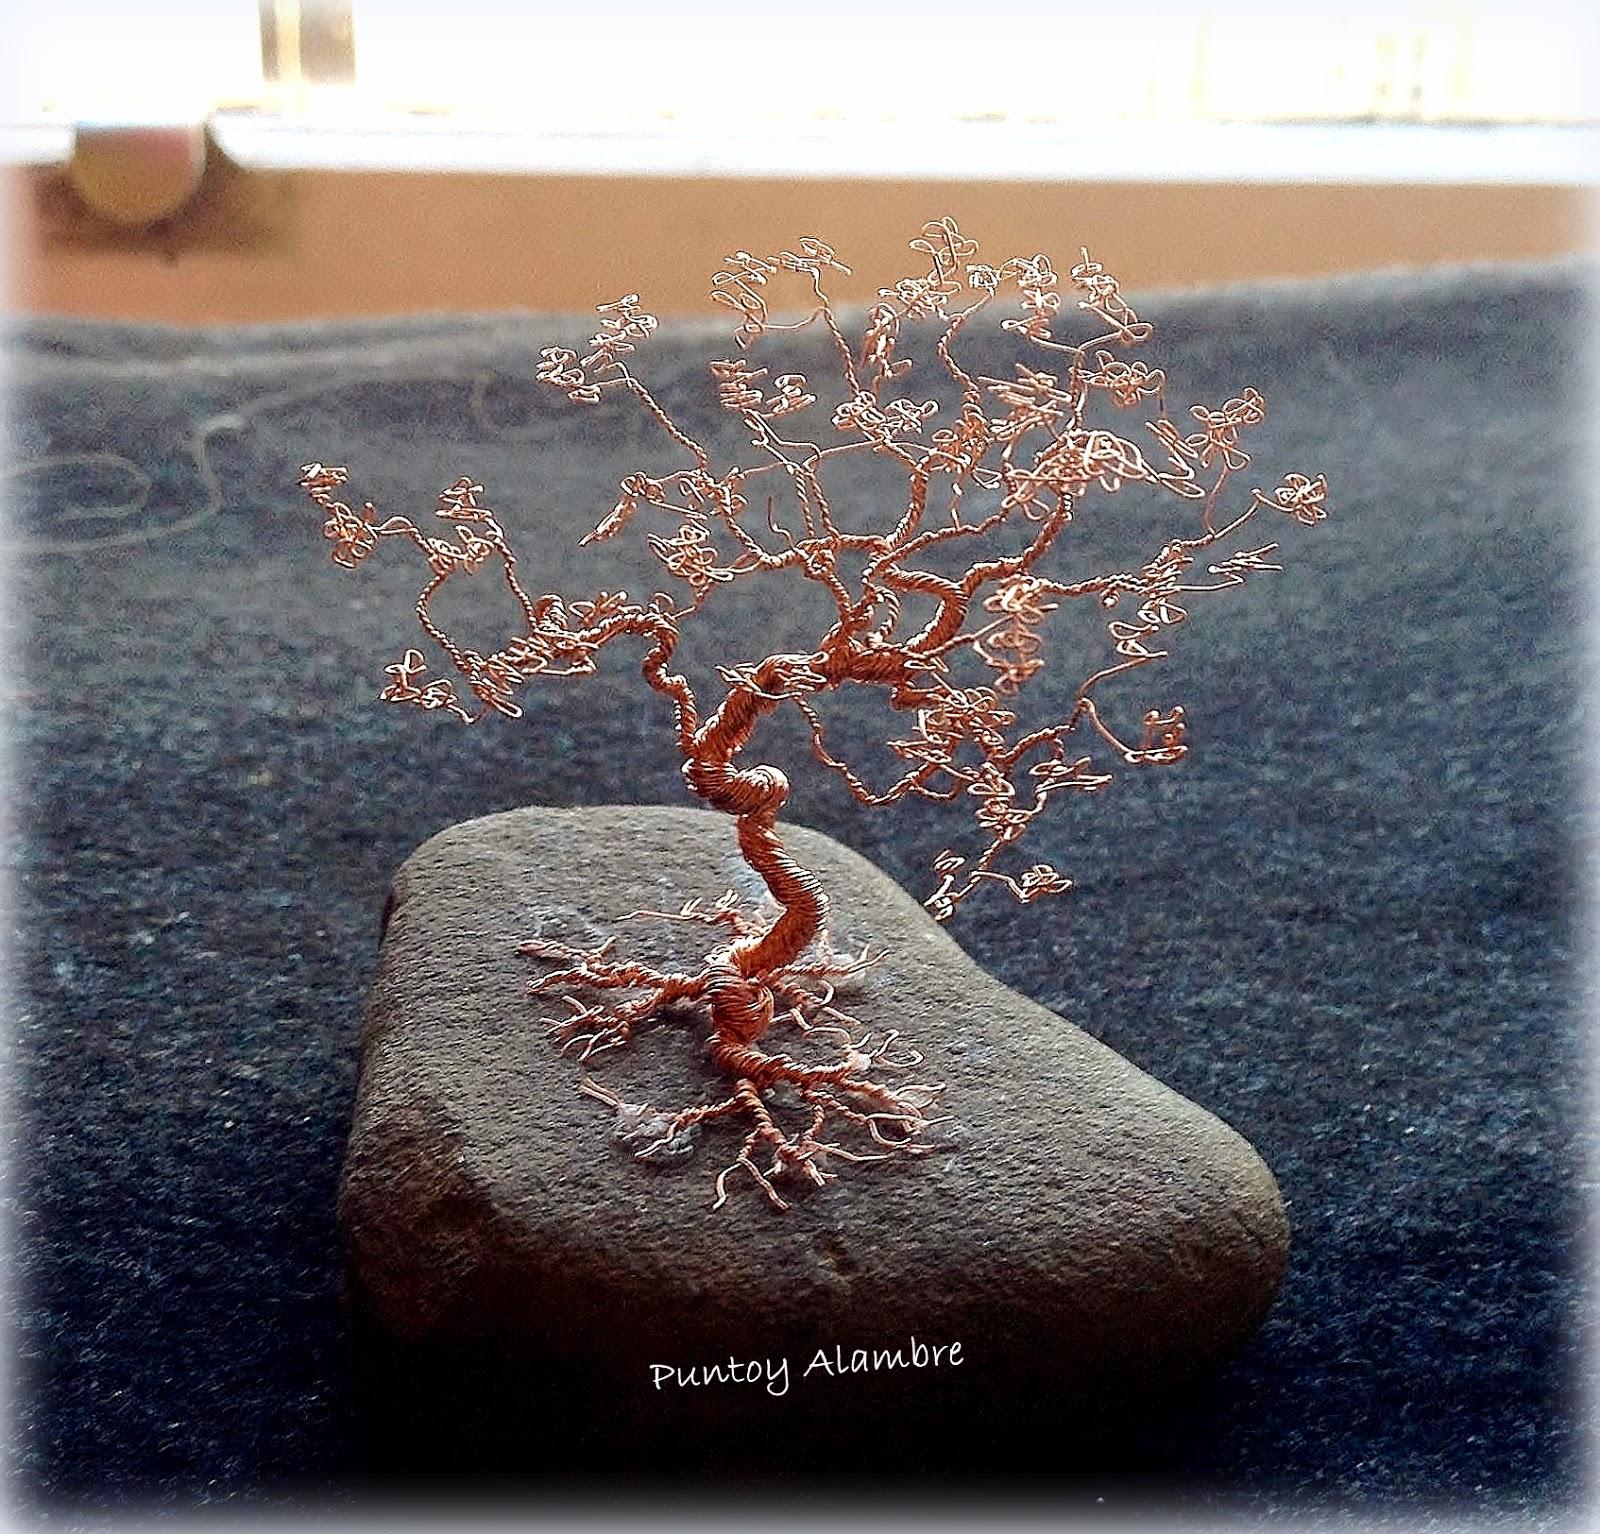 Puntoy alambre bonsai de alambre de cobre wire - Alambre de cobre ...